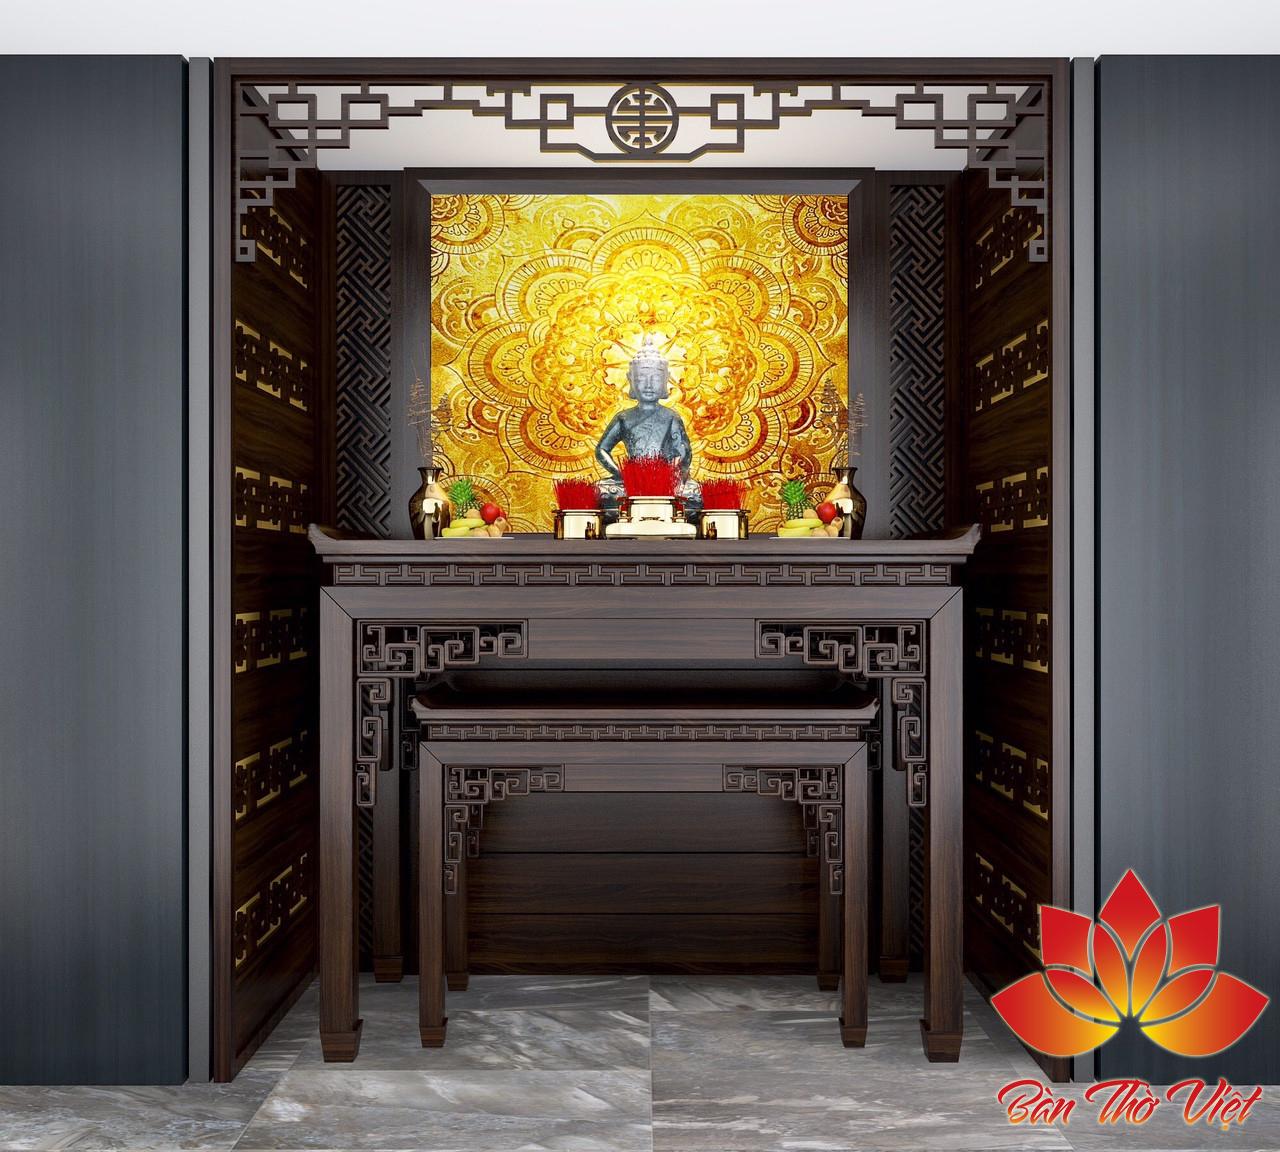 Tham khảo một số mẫu thiết kế phòng thờ sang trọng và hiện đại nhất